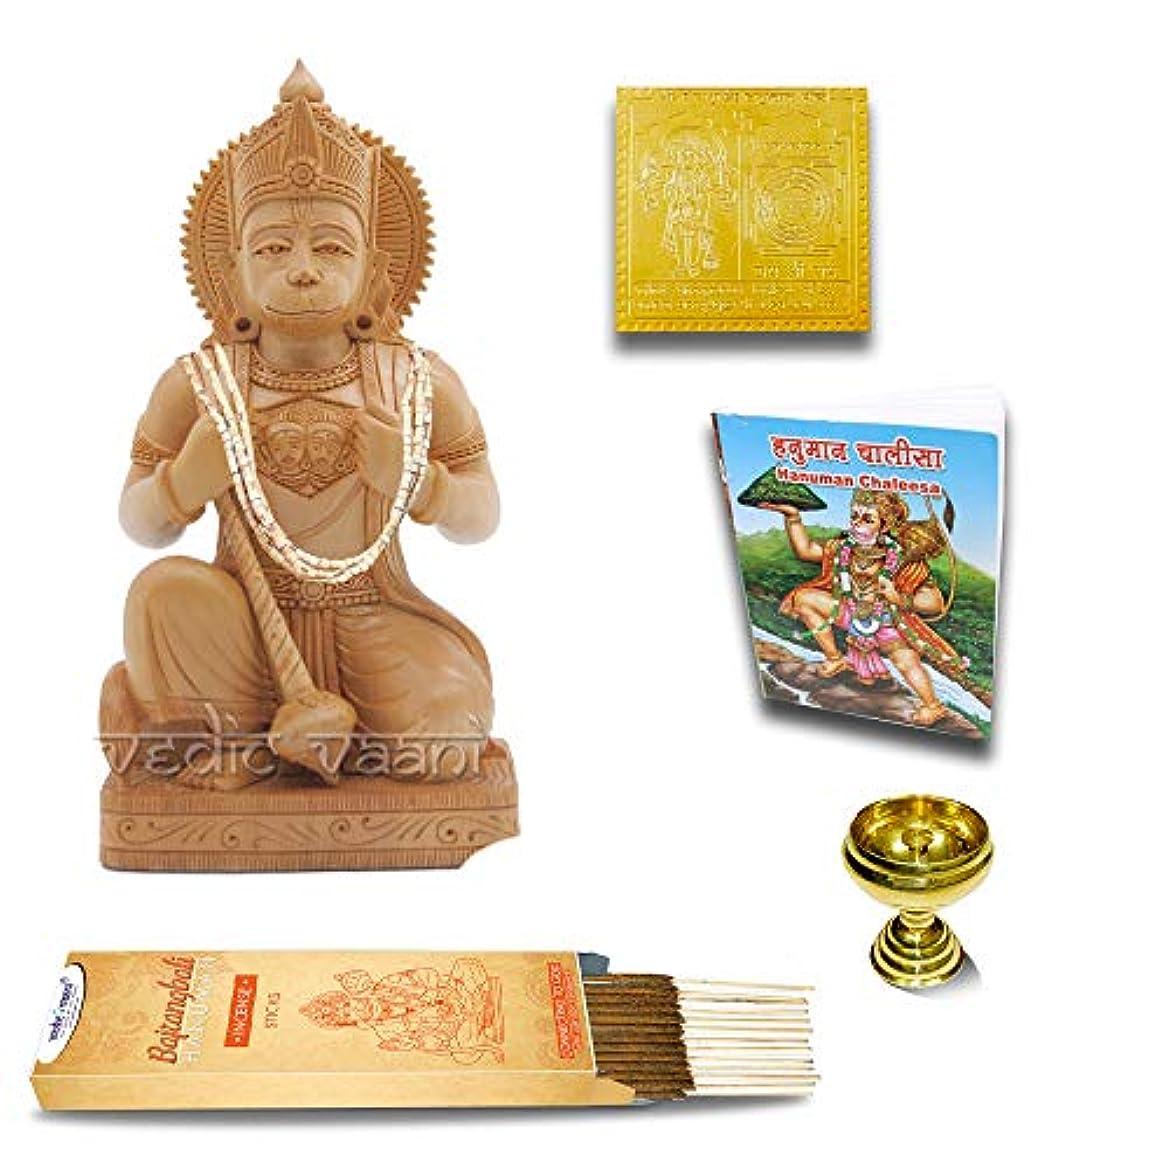 子アンテナ外国人Vedic Vaani Ram Bhakat Hanuman 木製像 ヤントラ チャリサ ディヤ お香スティック付き 100gm